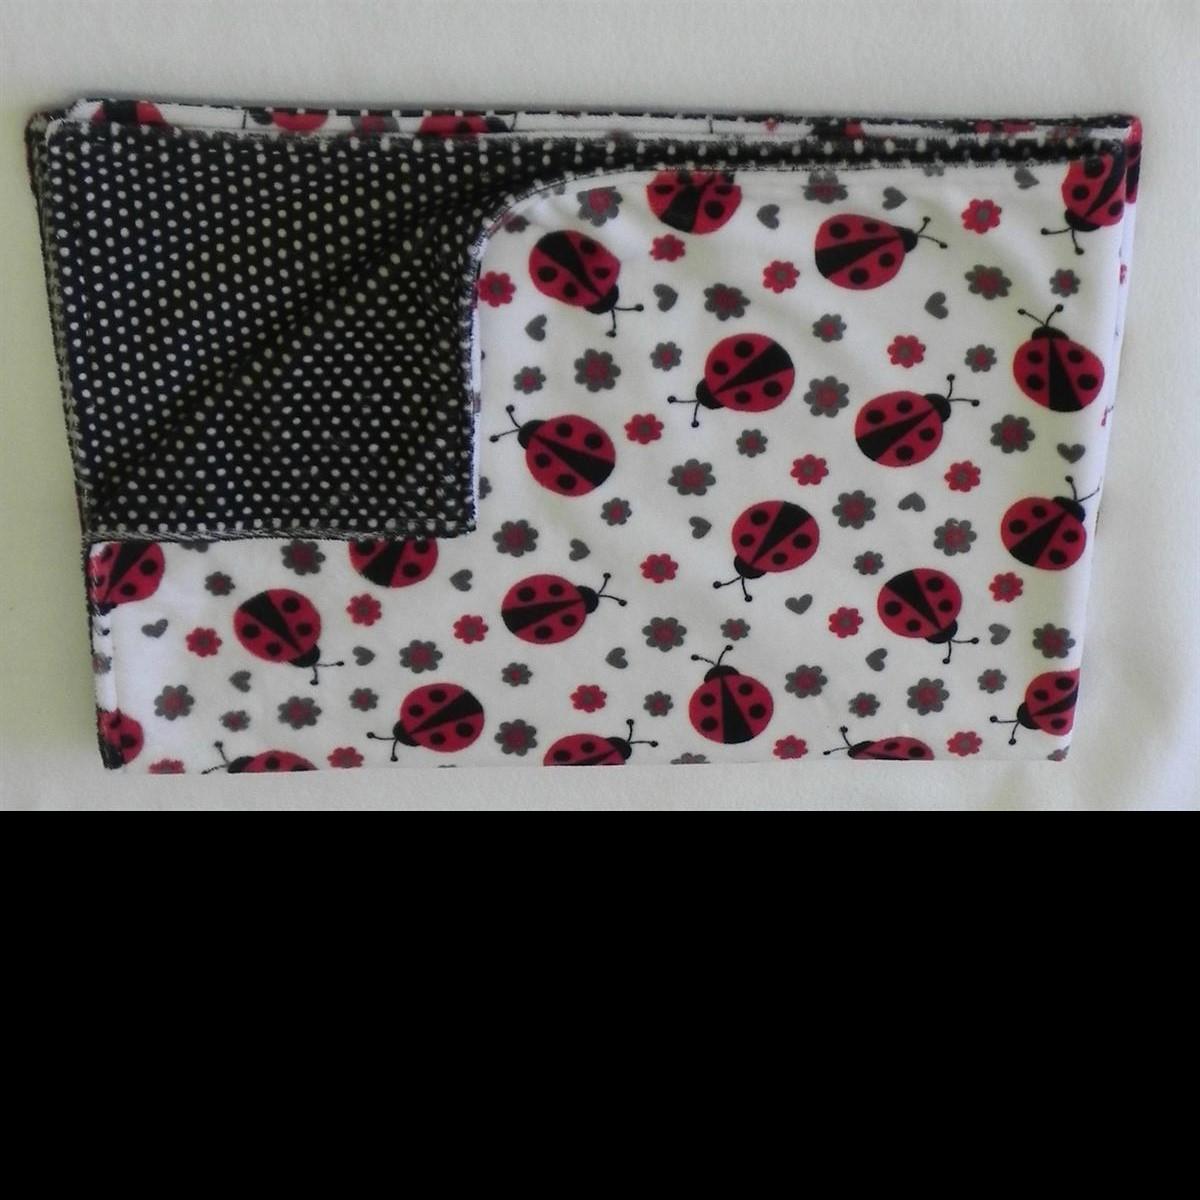 ladybug_minkee_polka dot_blanket